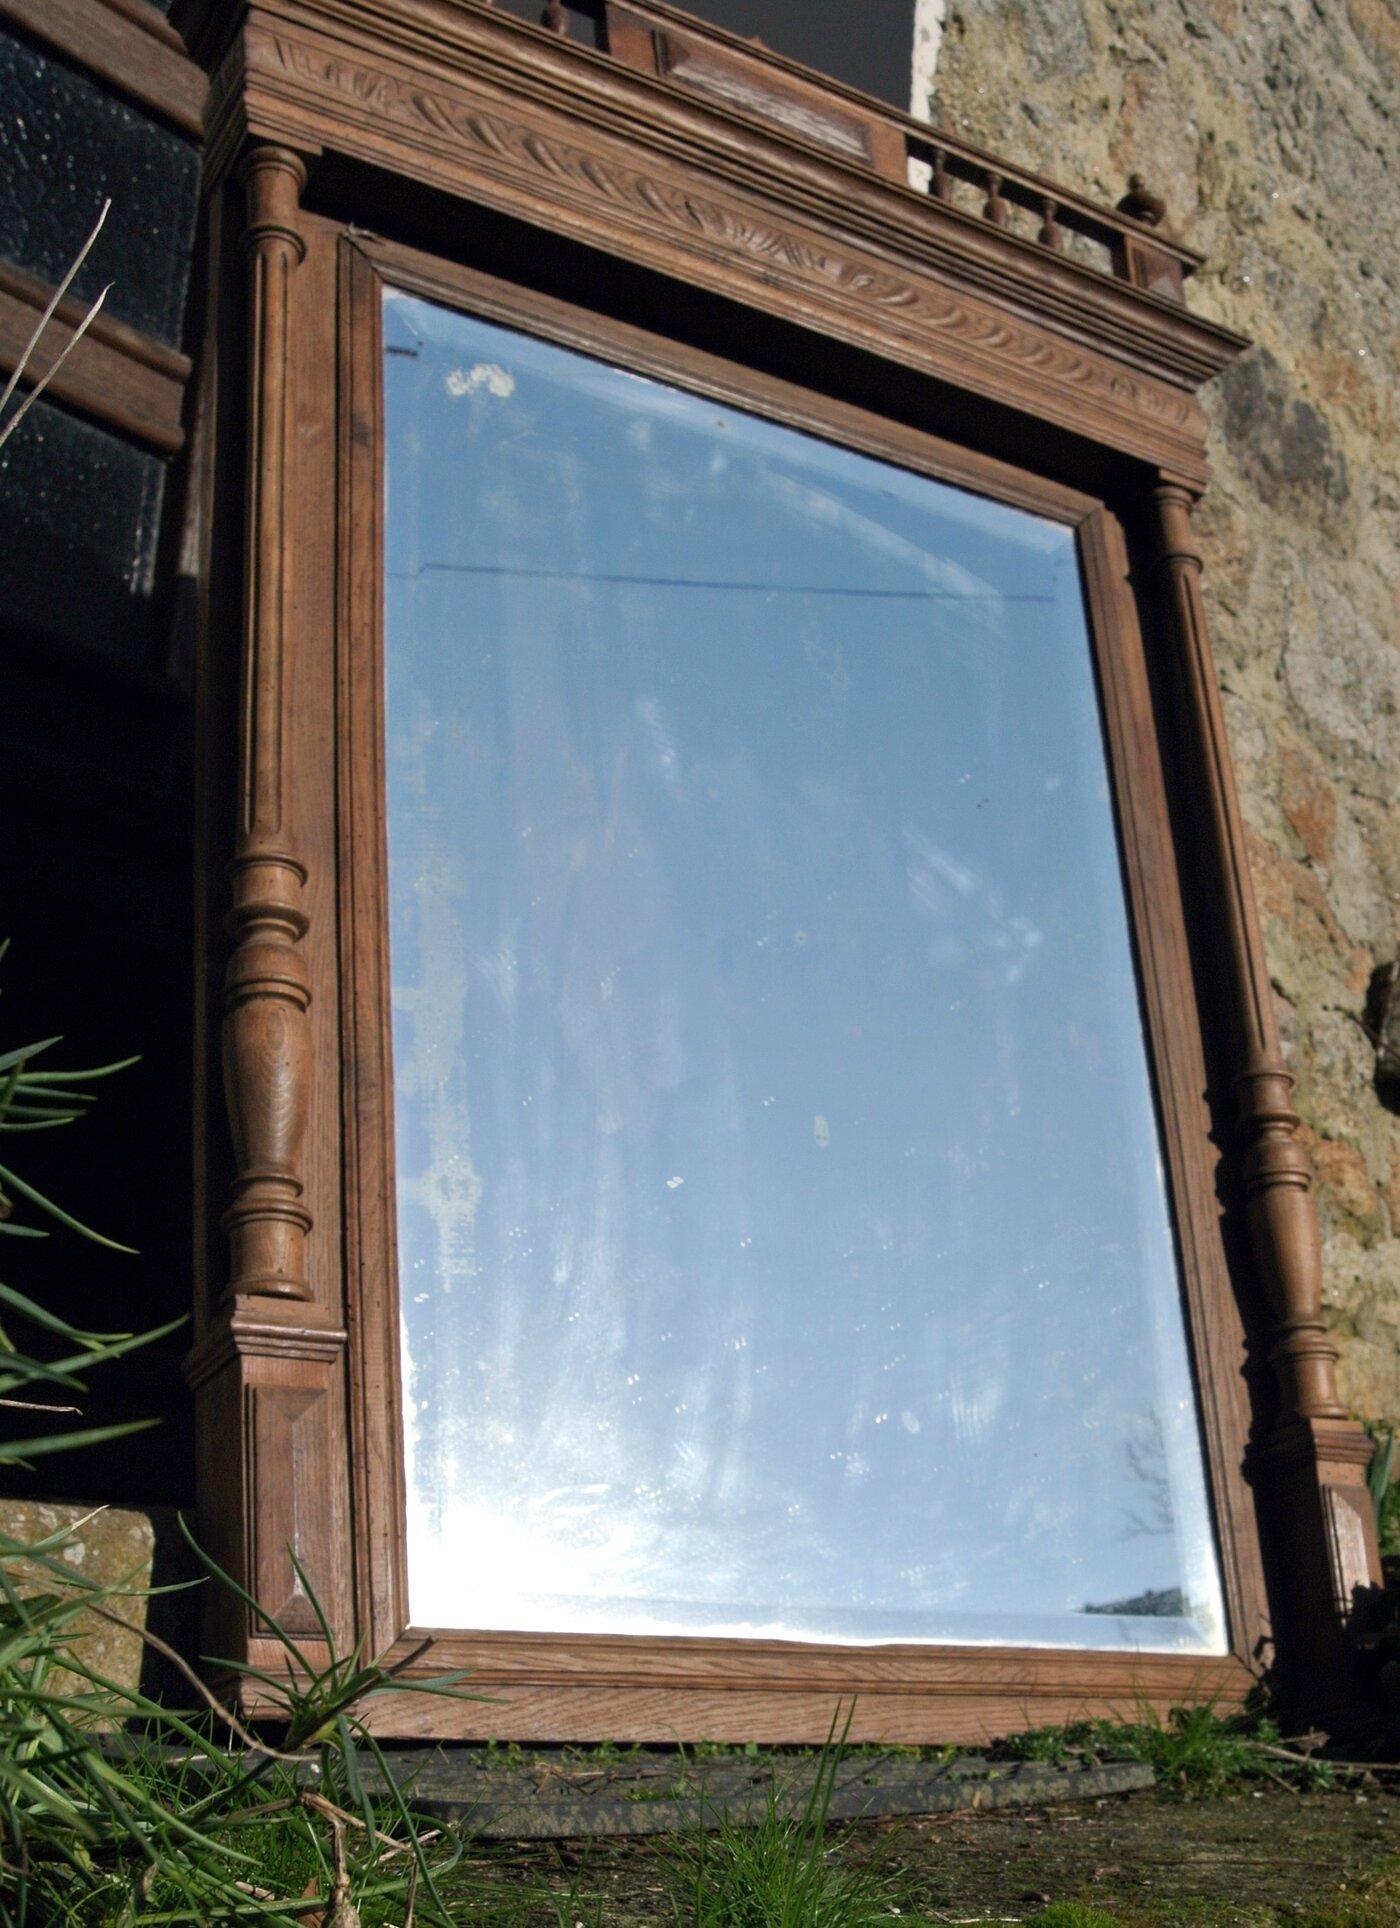 miroir cheminee galerien milt s dekor